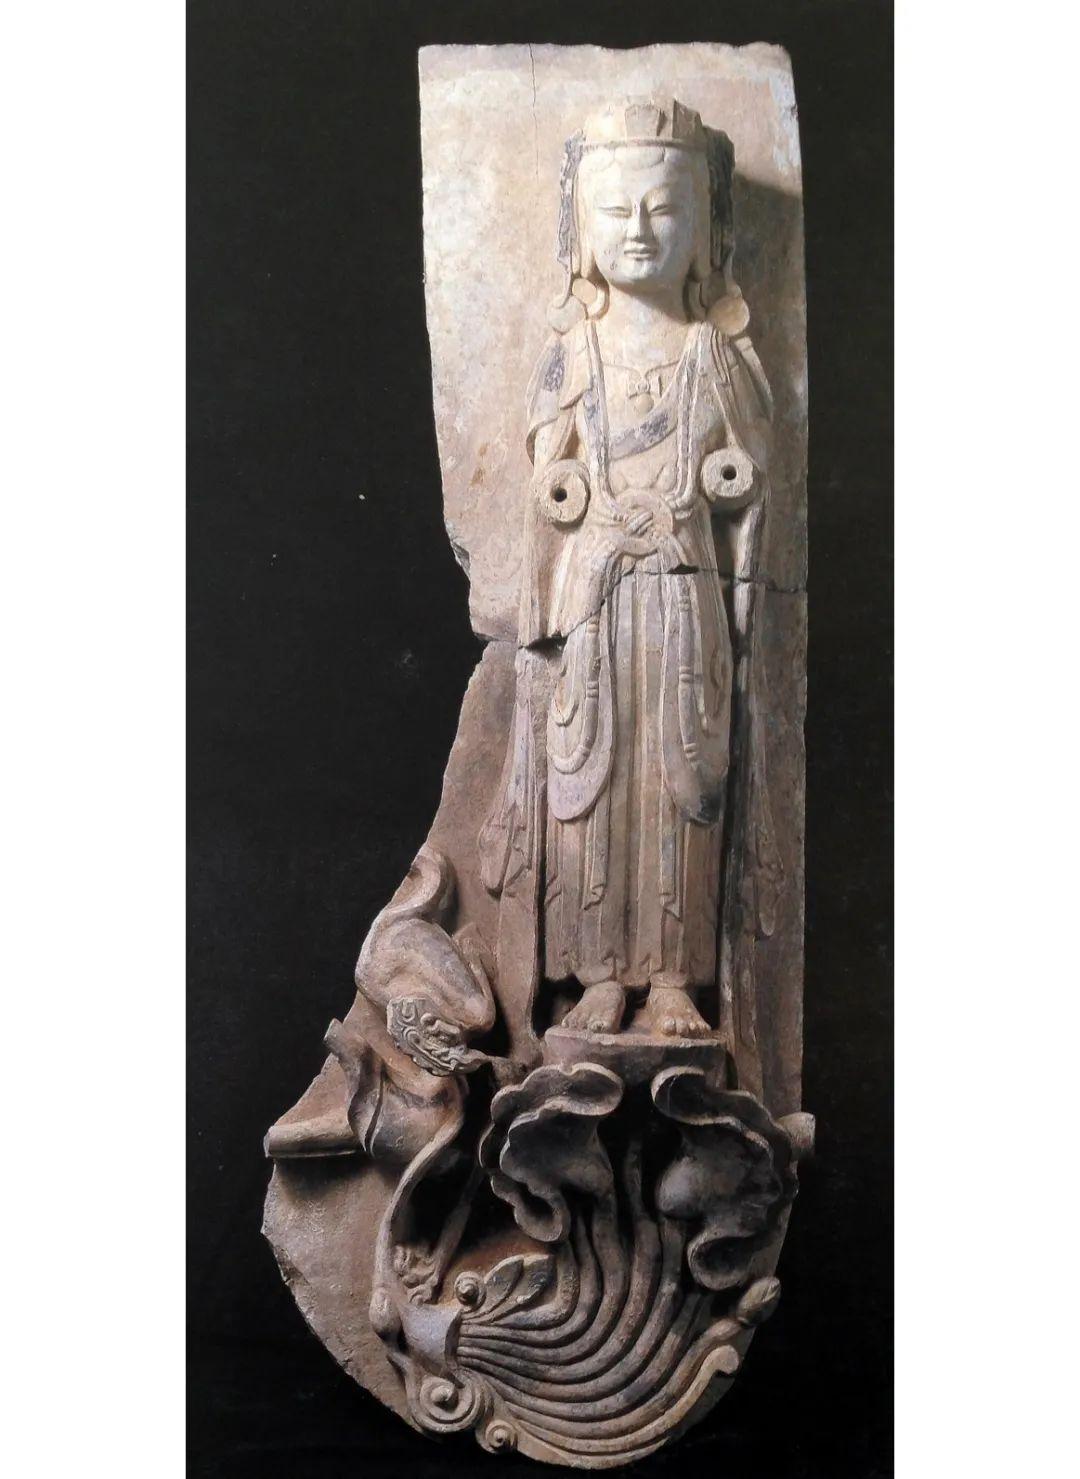 图7 山东青州龙兴寺出土东魏彩绘石雕菩萨